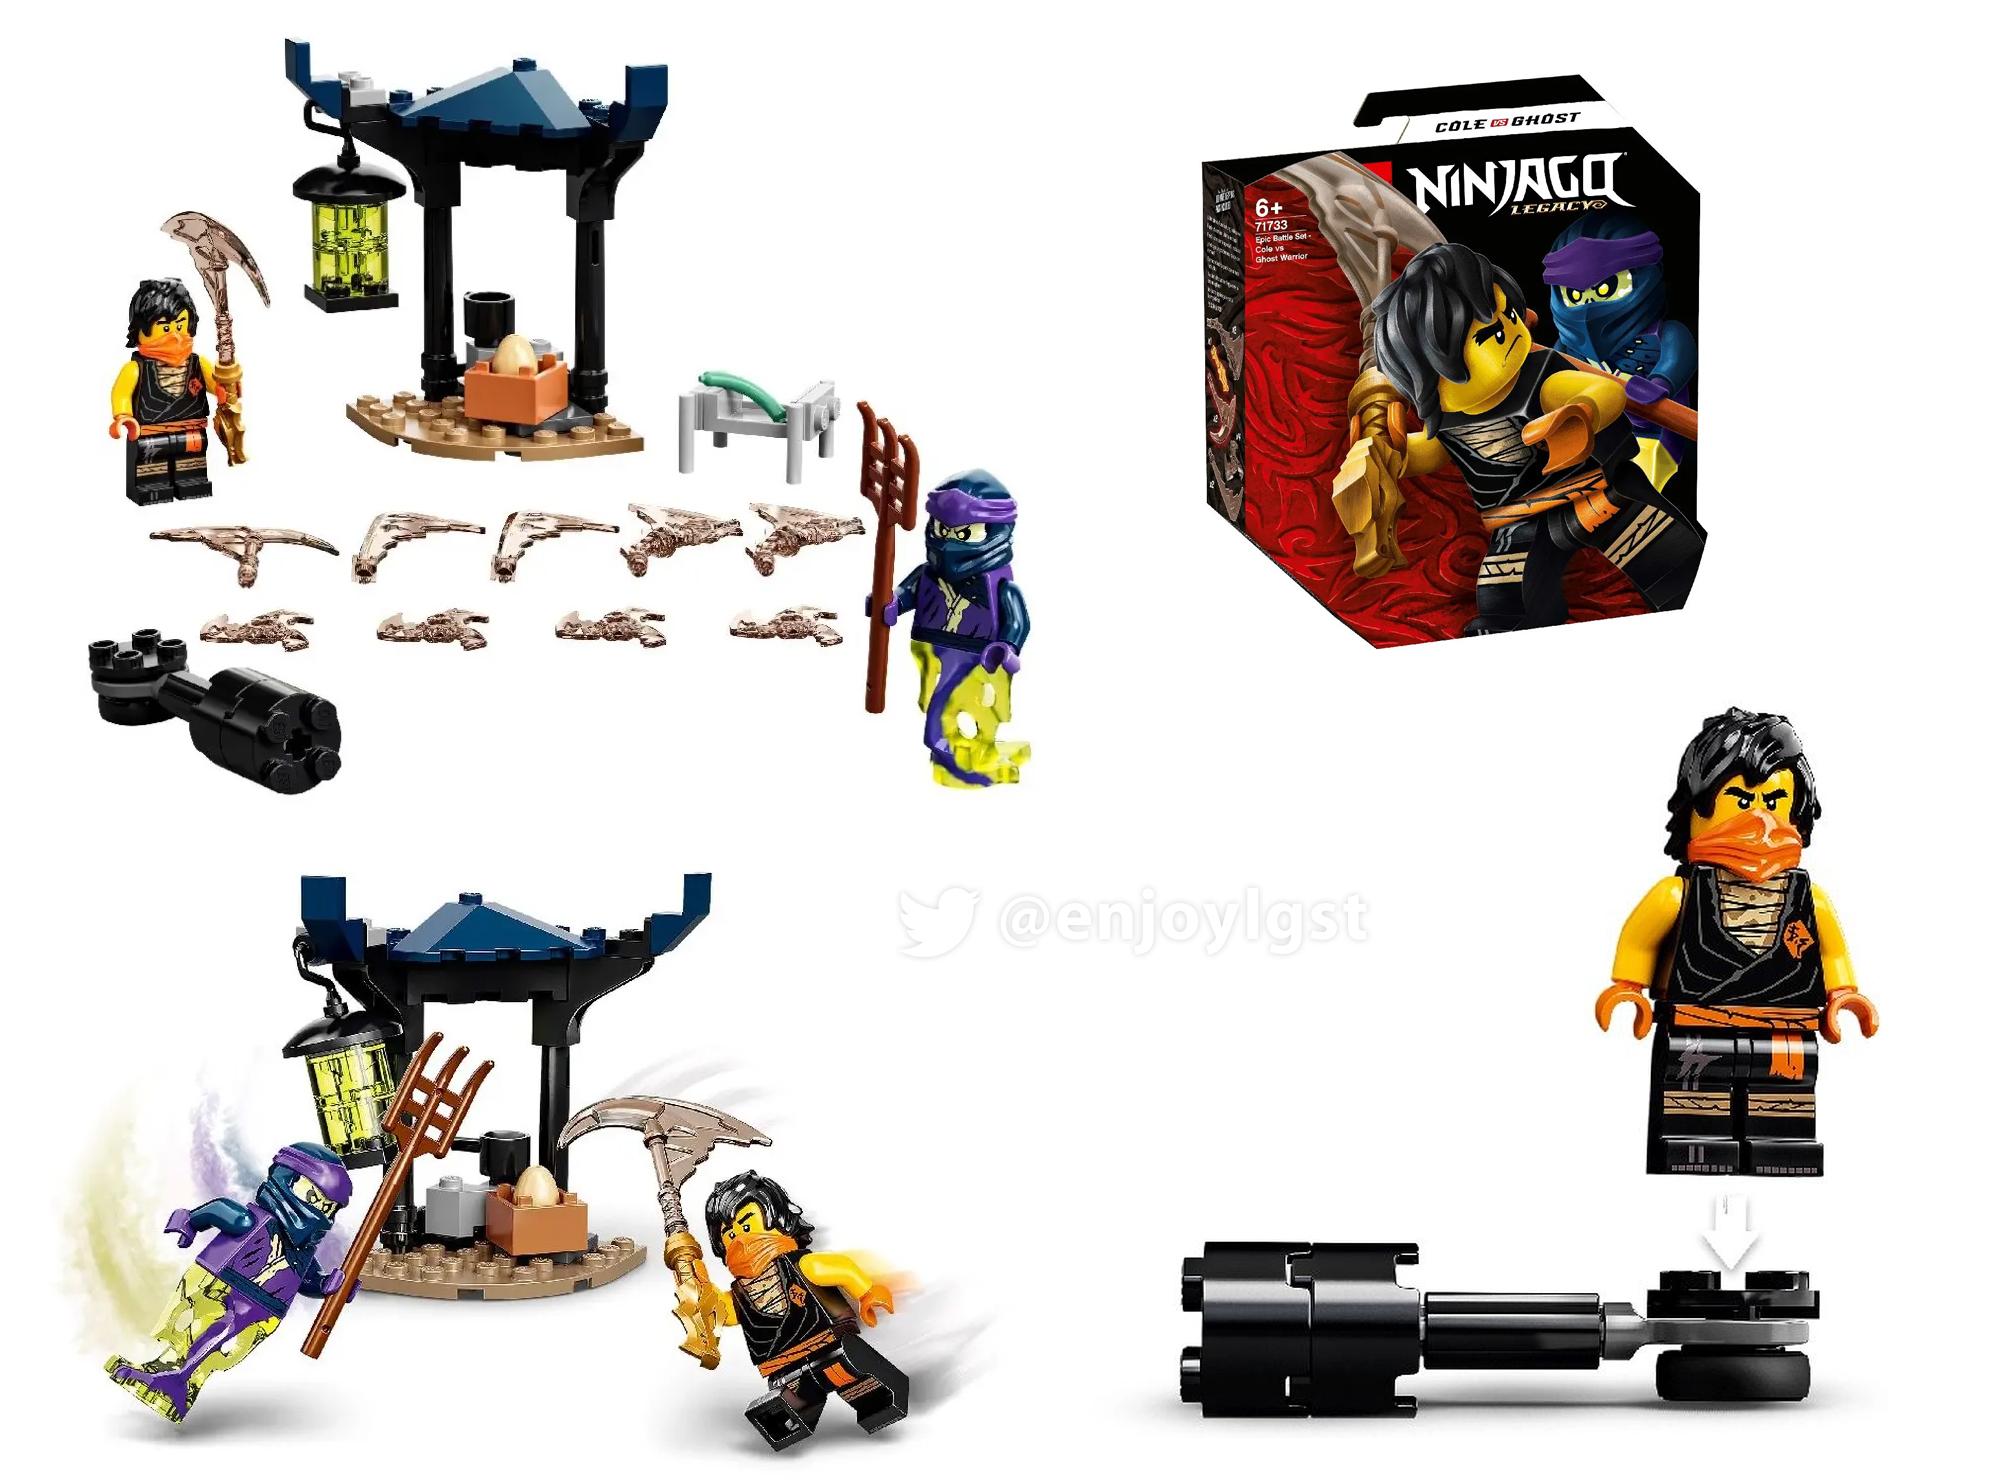 2021年レゴニンジャゴー新製品第1弾情報!(ポリスと消防以外):みんな大好きレゴ定番シリーズ!